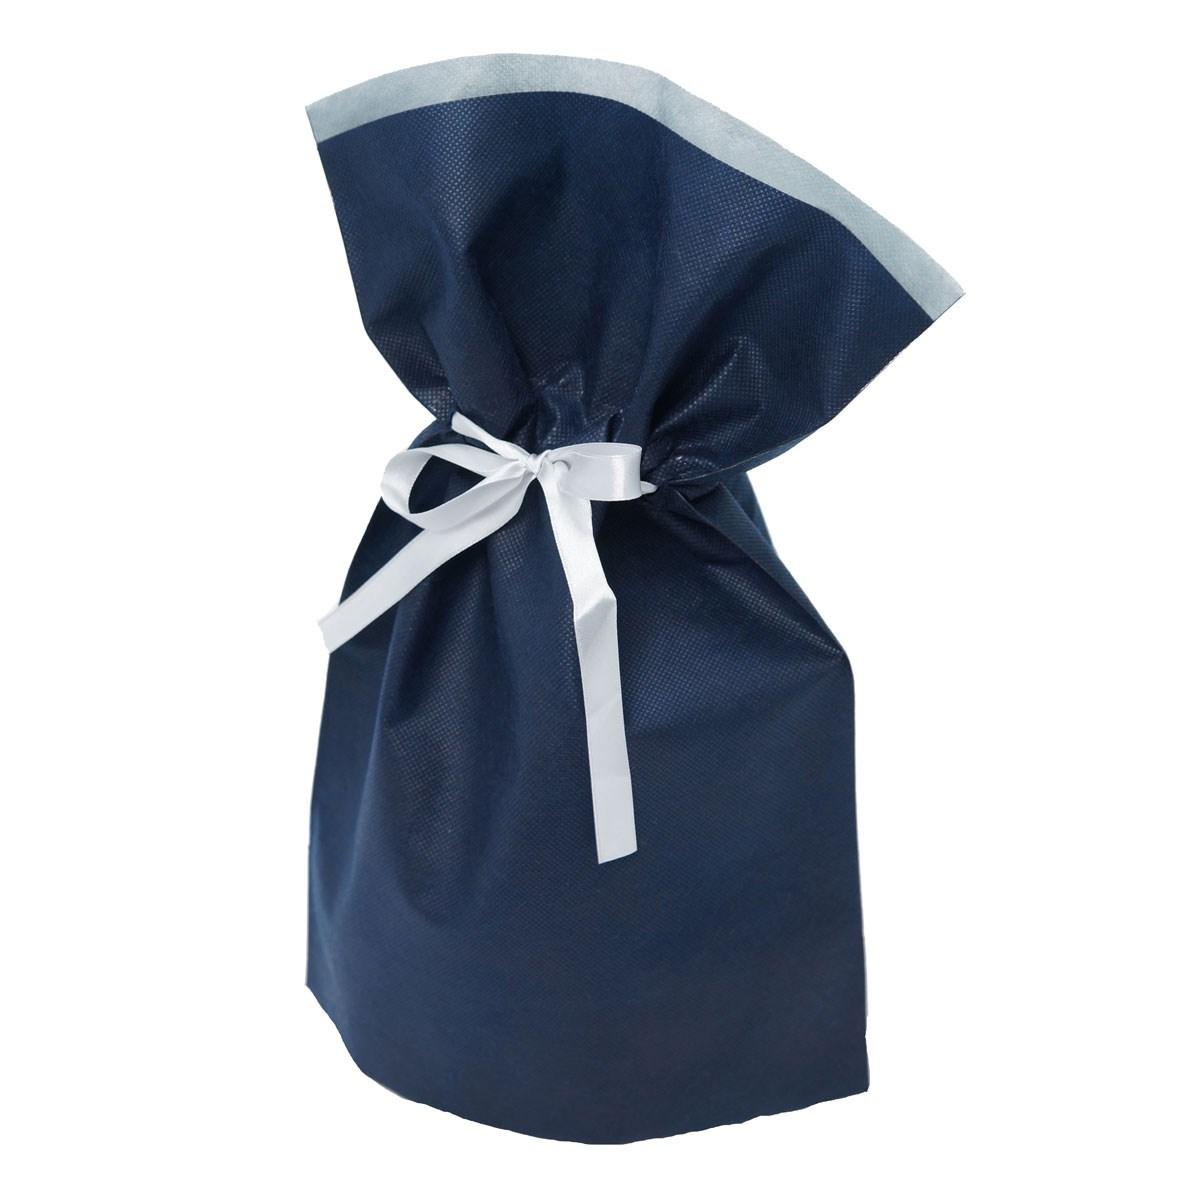 その他メーカー ギフトラッピングキット 巾着袋 Mタイプ